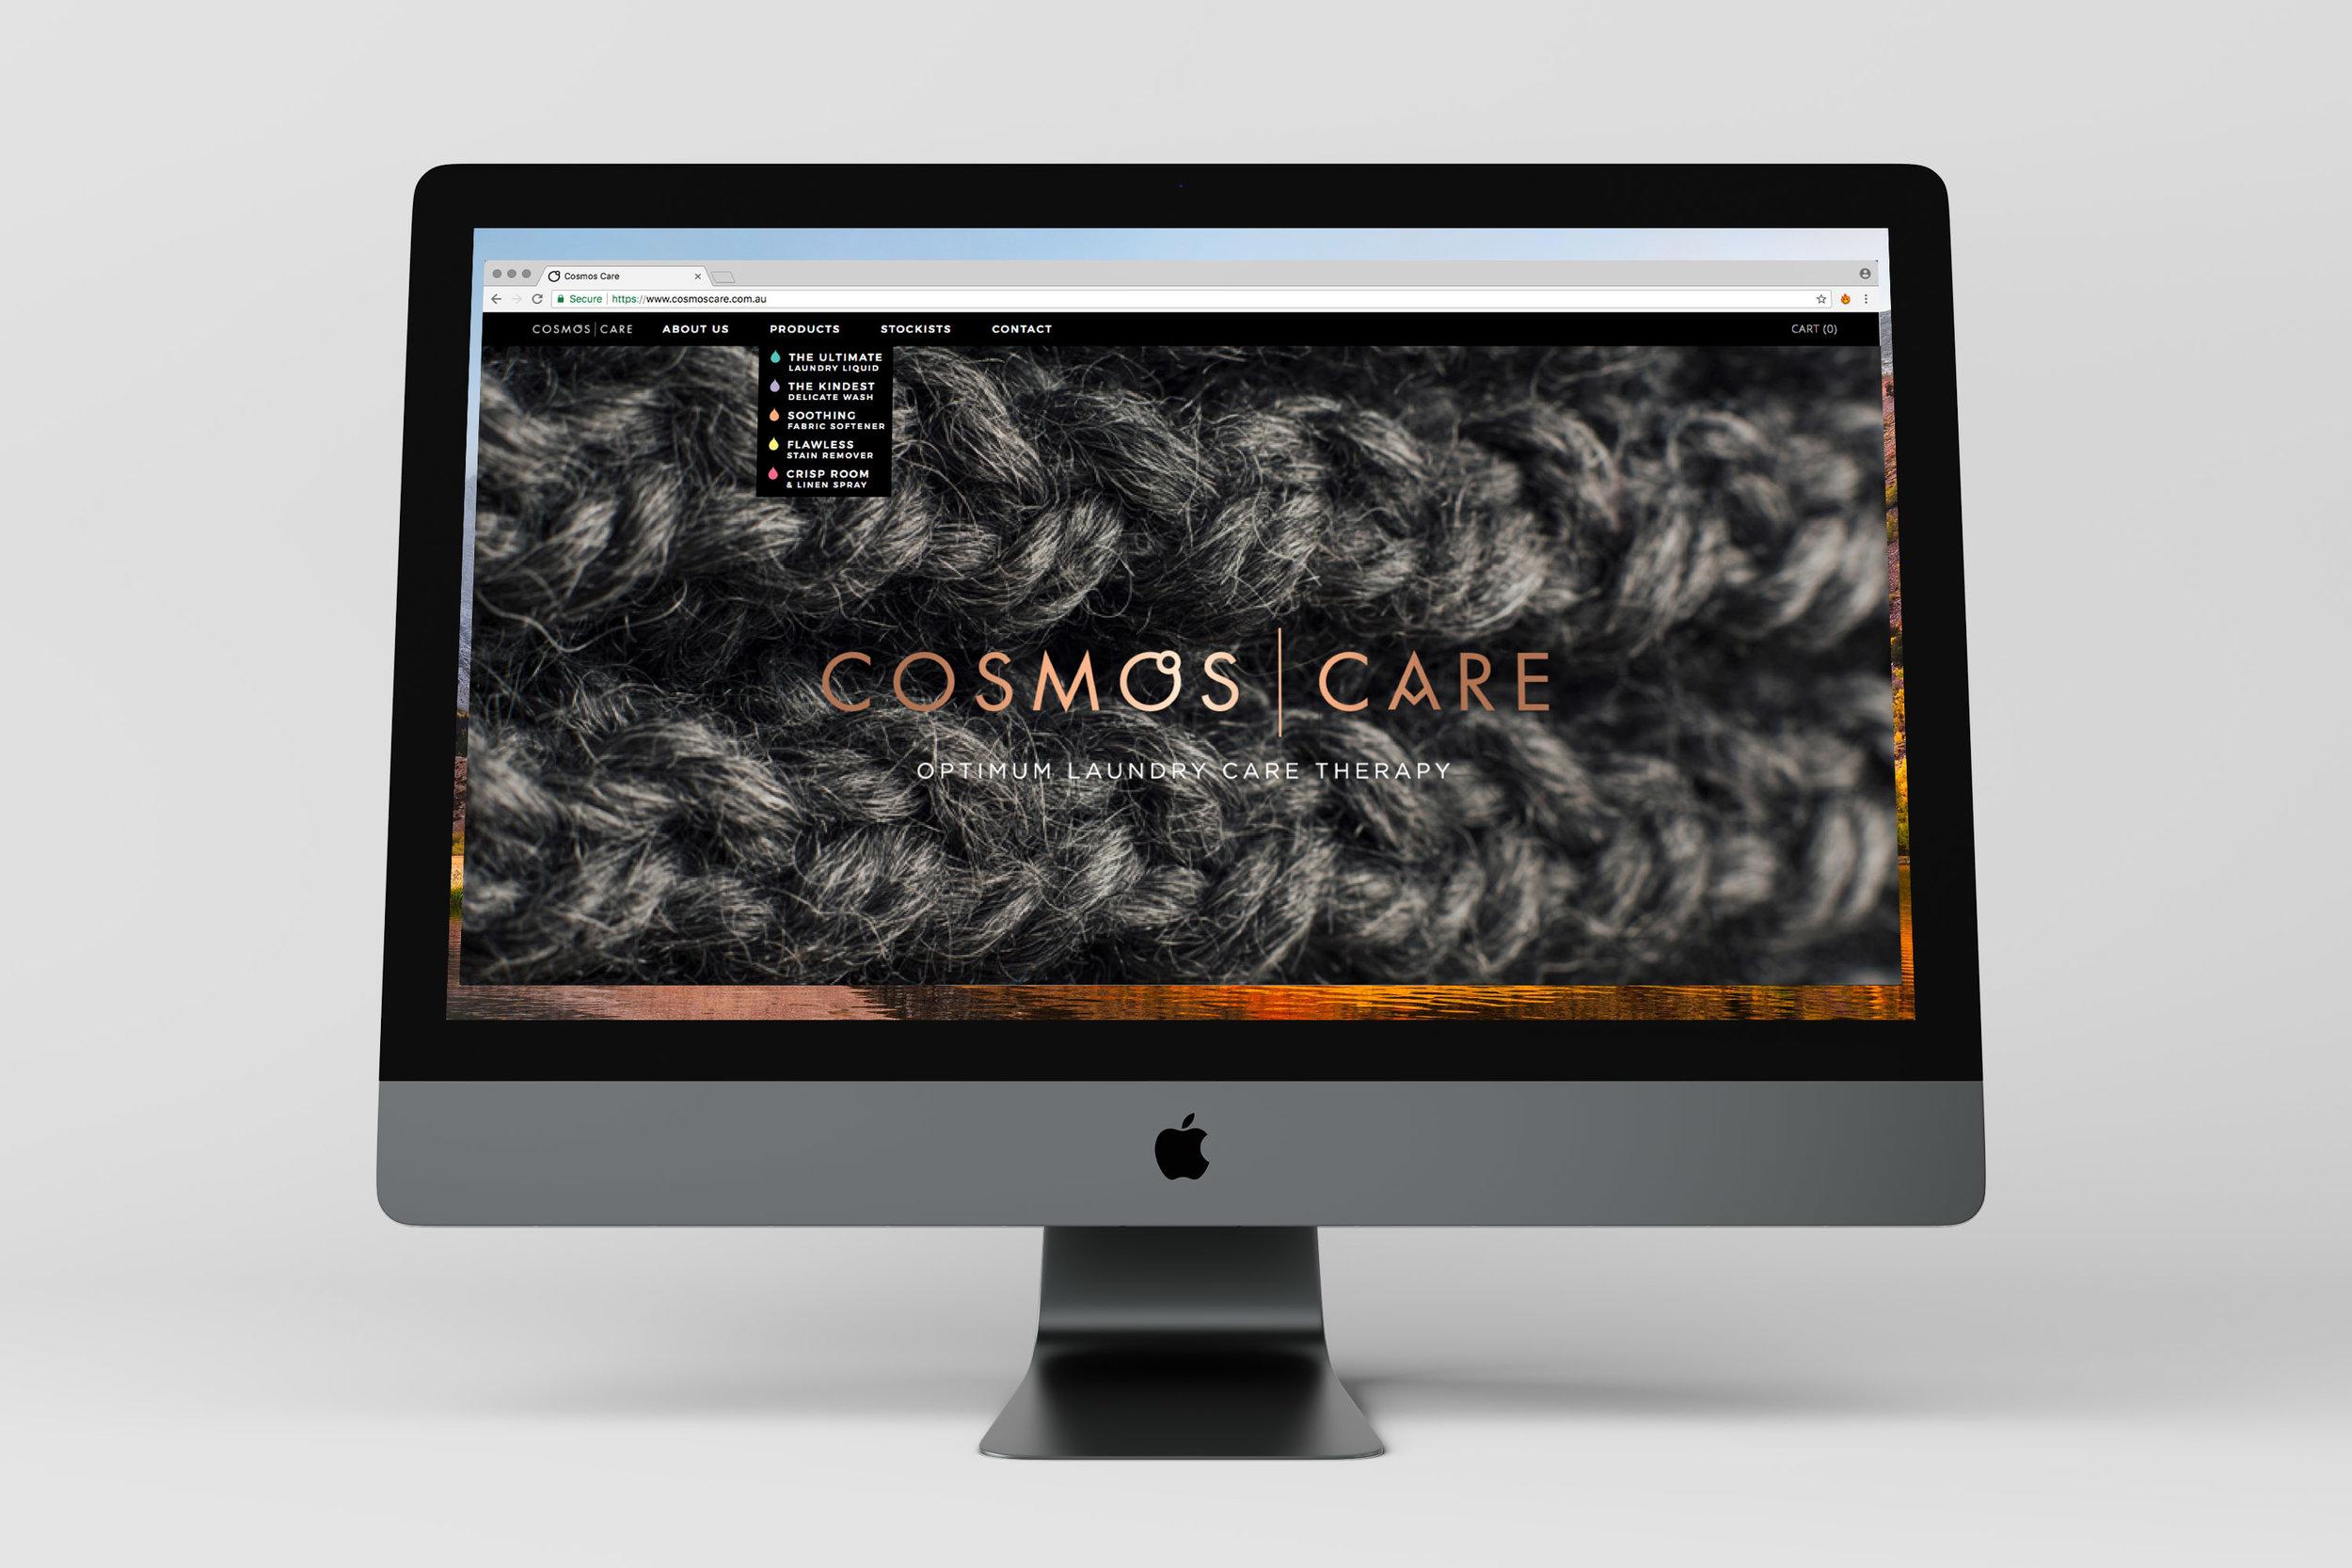 PaintsStudio_WEB_cosmos.jpg